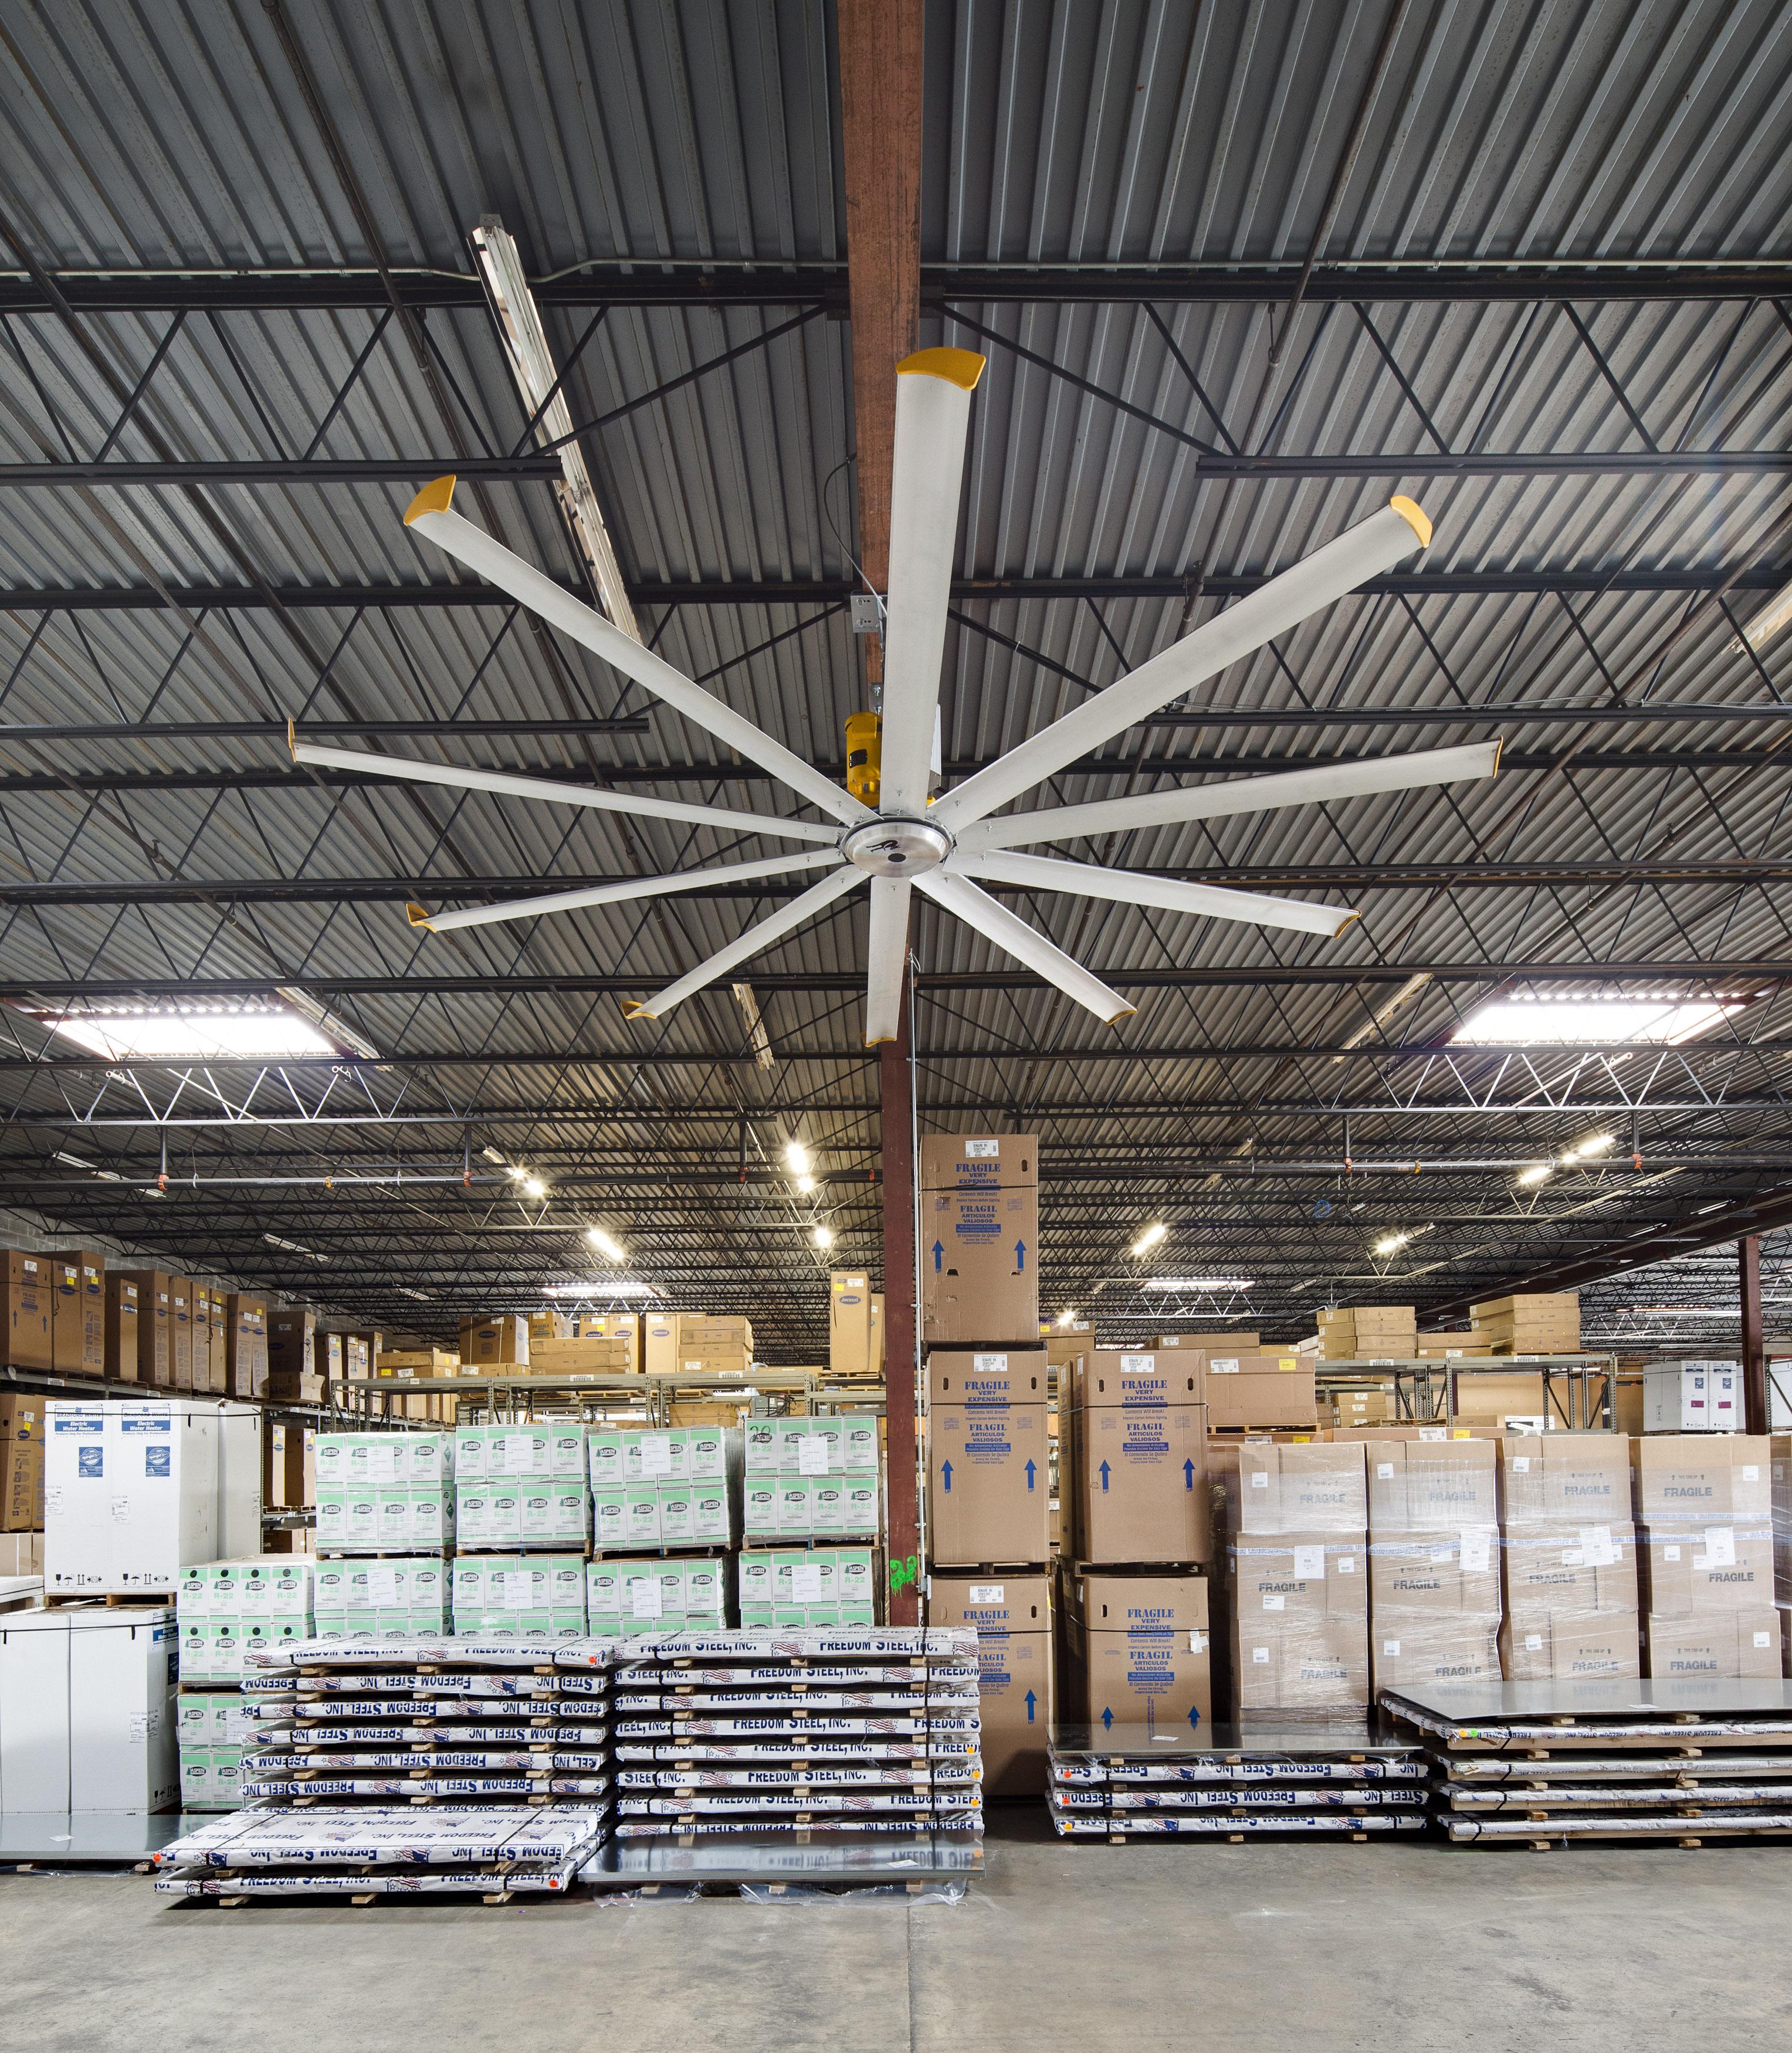 Big ass warehouse